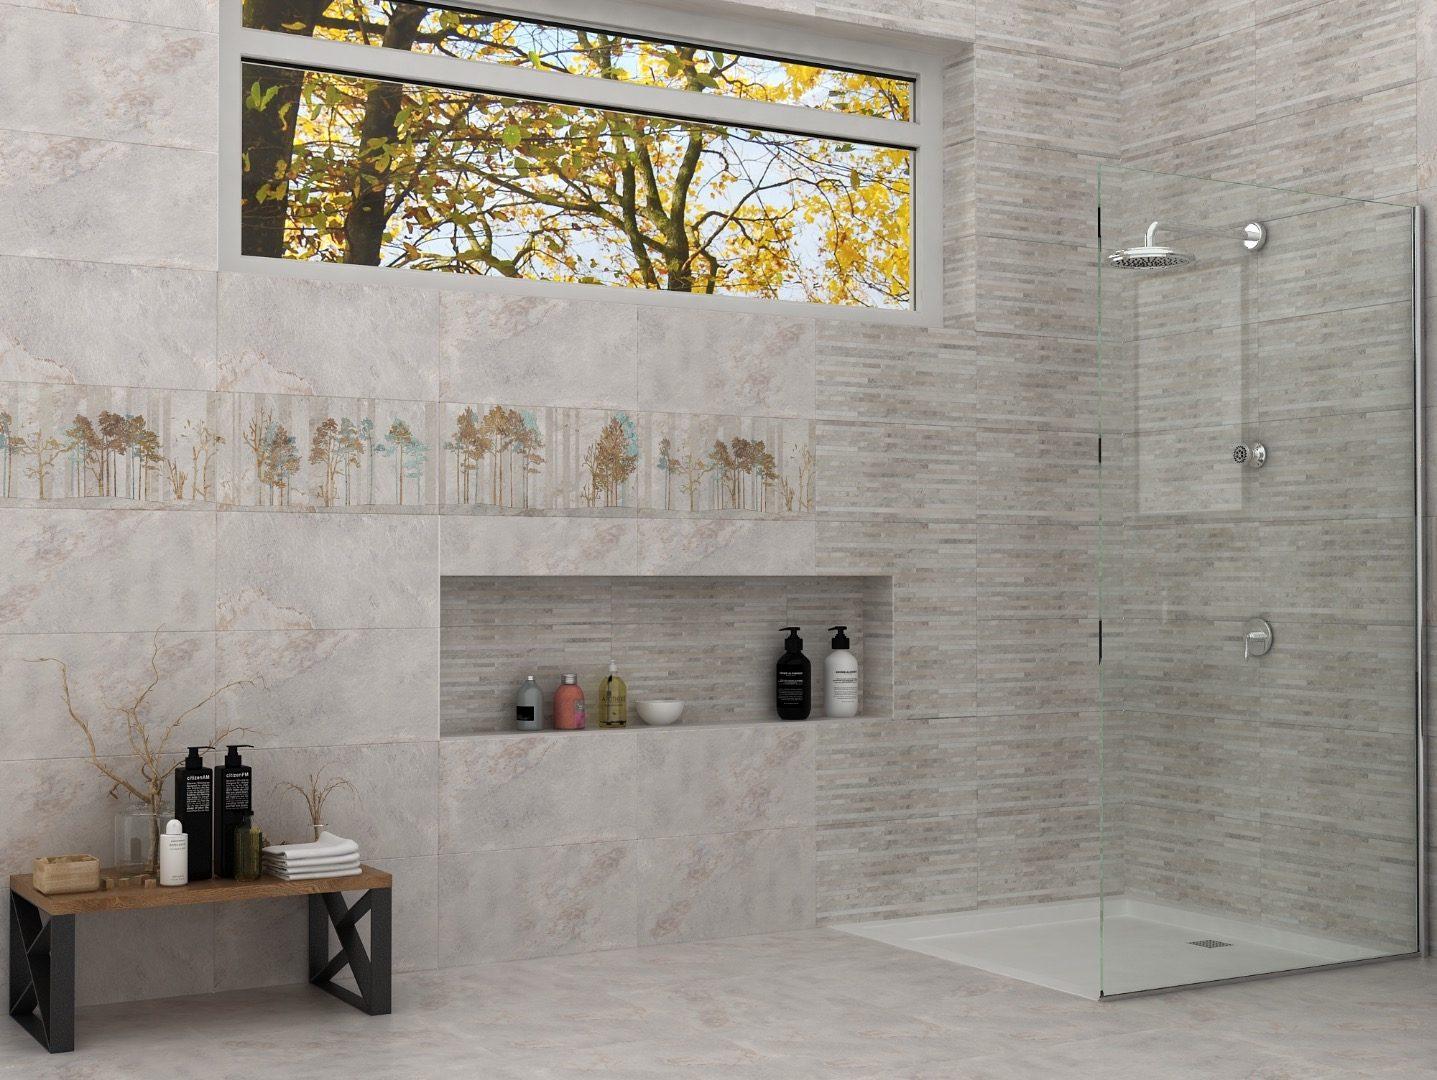 بالصور سيراميكا كليوباترا حمامات , اجمل حمامات سيراميكا كليوباترا 3895 6